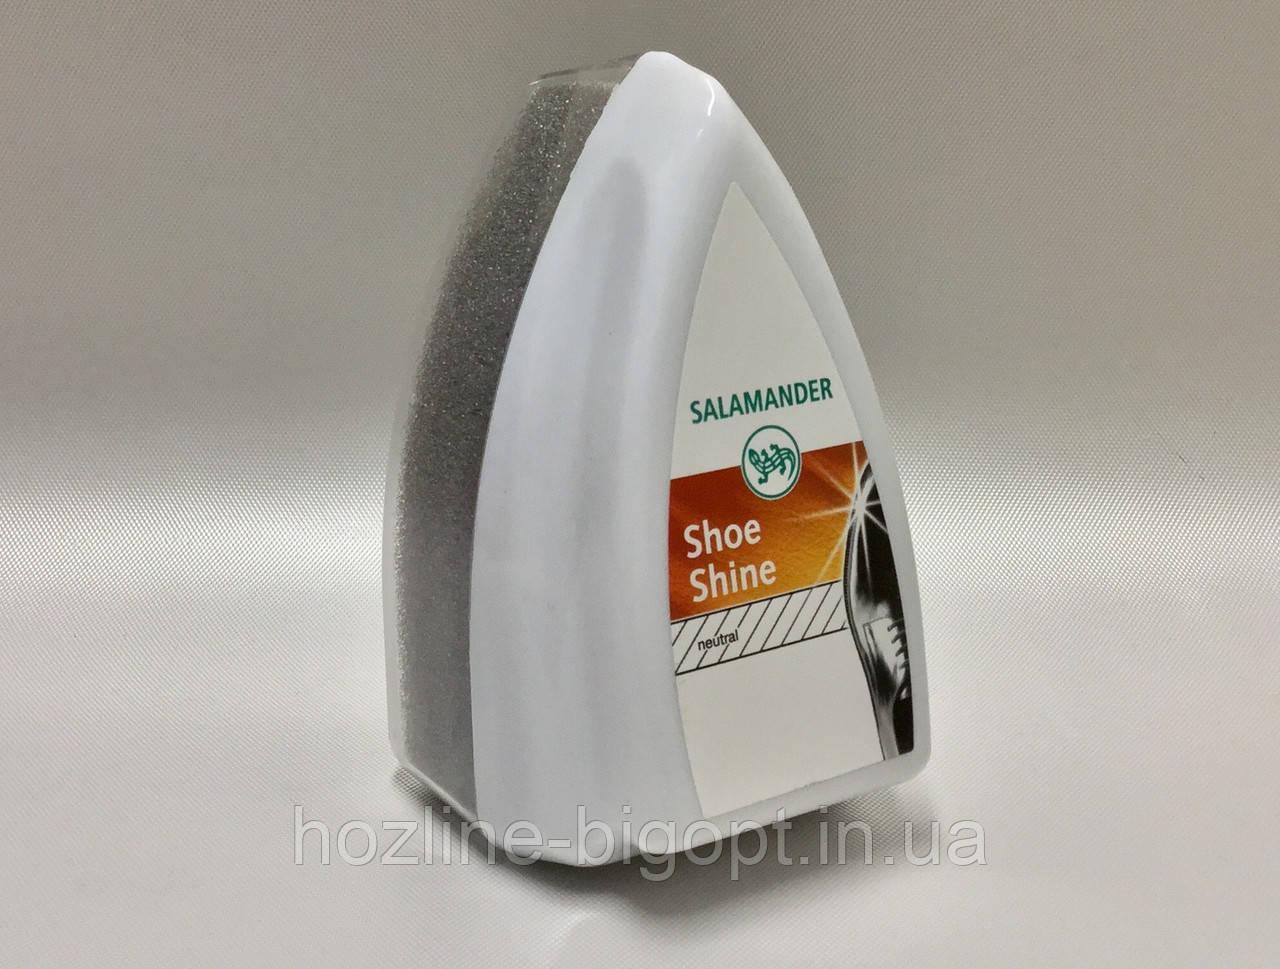 74062fe67 SALAMANDER Губка-блеск для гладкой кожи БЕСЦВЕТНАЯ, цена 43,42 грн., купить  в Харькове — Prom.ua (ID#358936060)